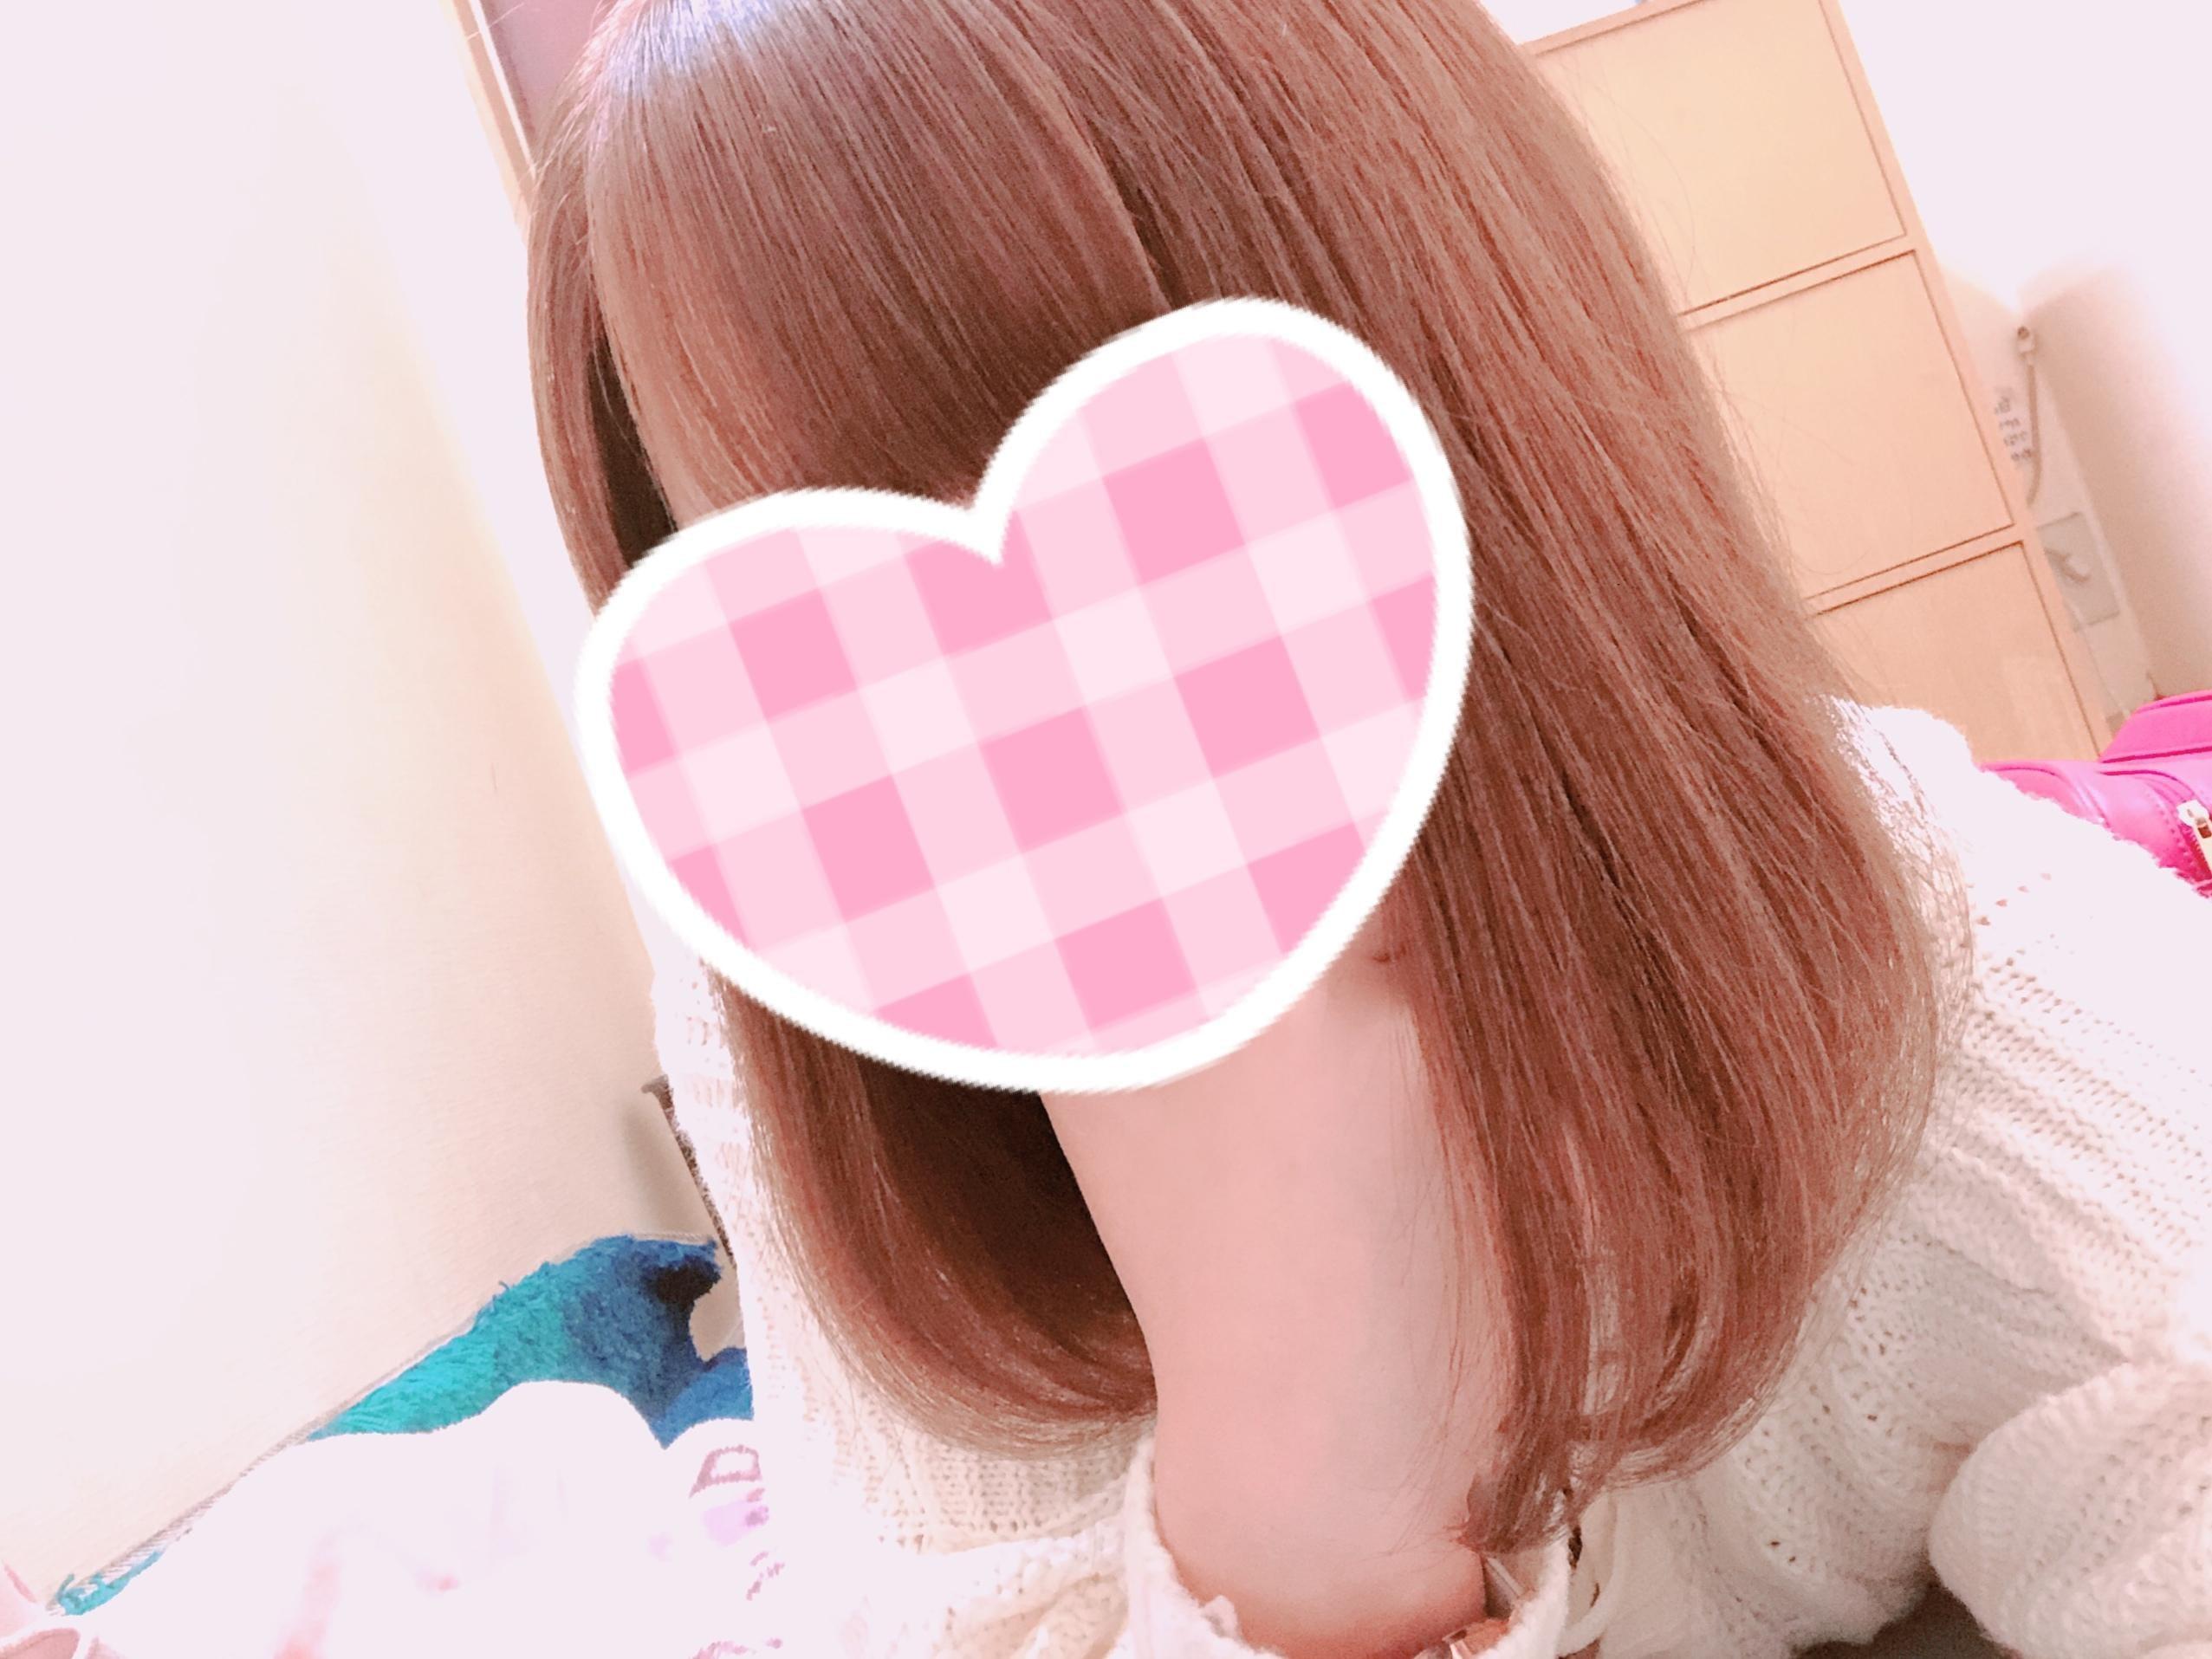 「こんばんは♡えりか」10/17(水) 21:02 | 紺野 えりかの写メ・風俗動画